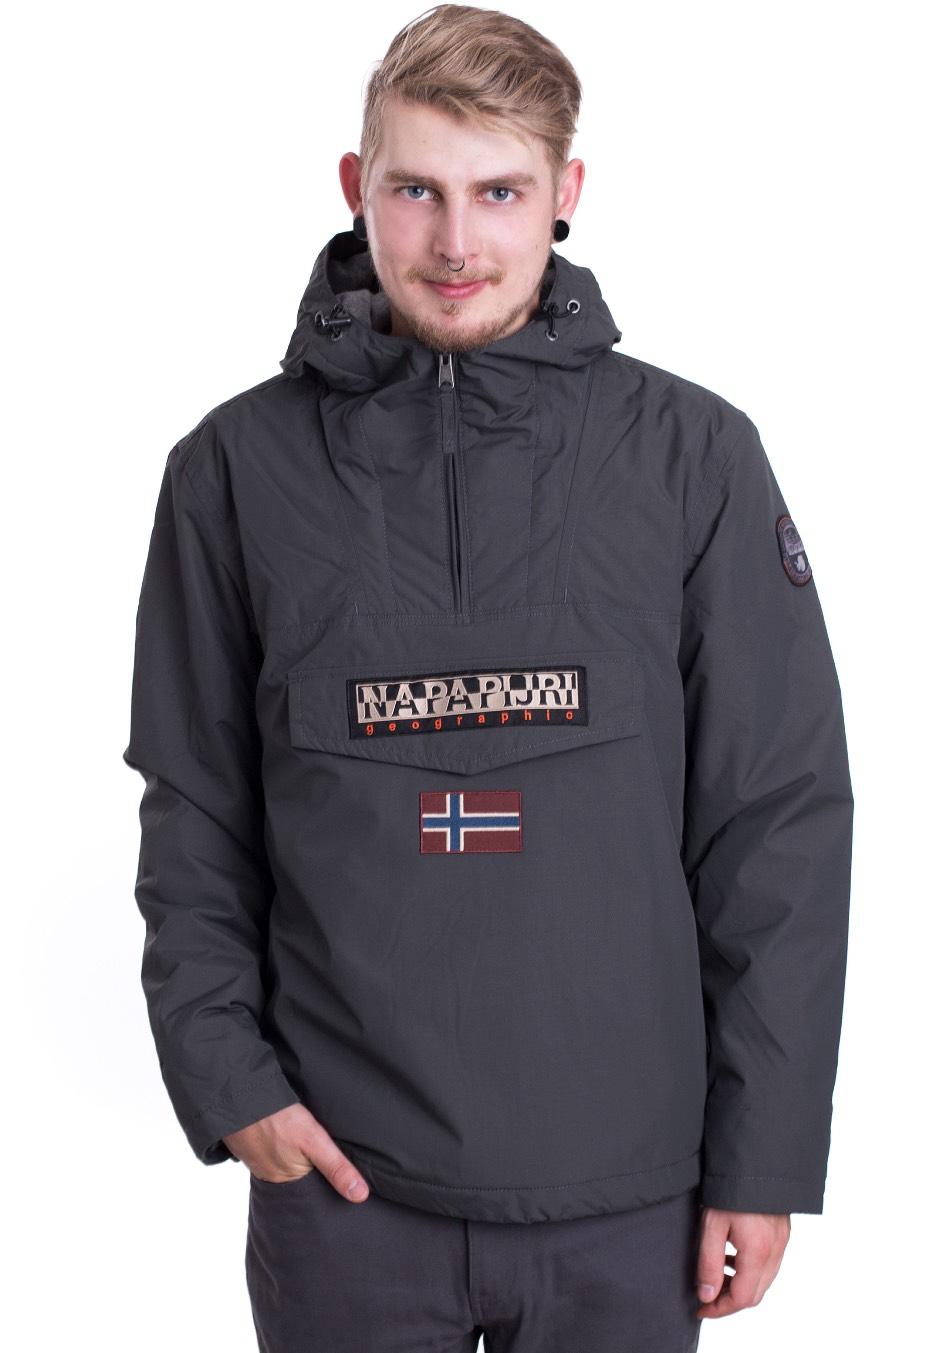 Napapijri Rainforest Winter Dark Grey Solid Jacket